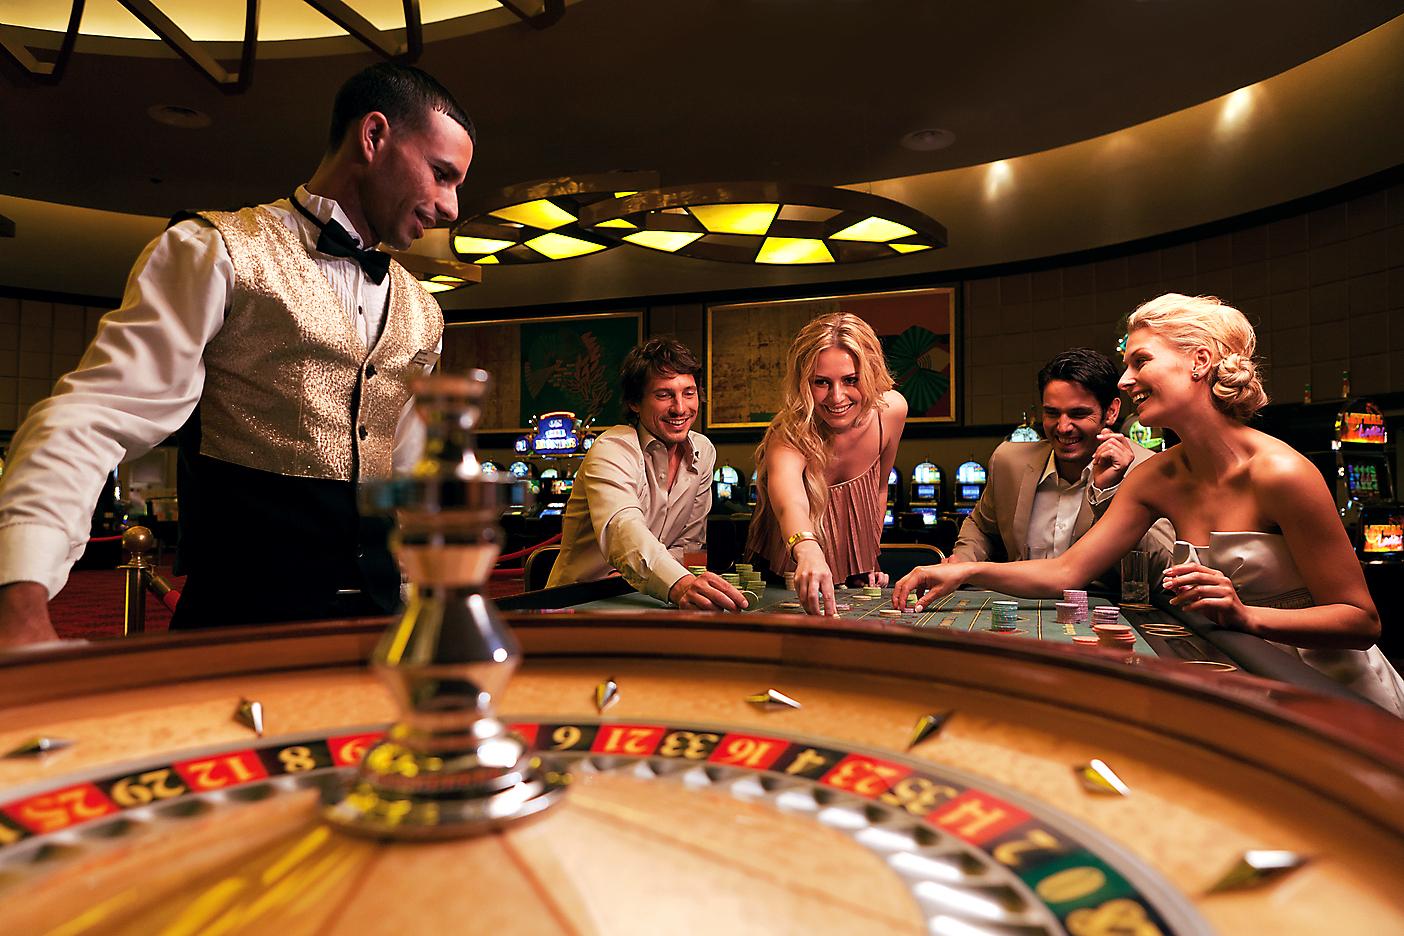 система игры в рулетку онлайн